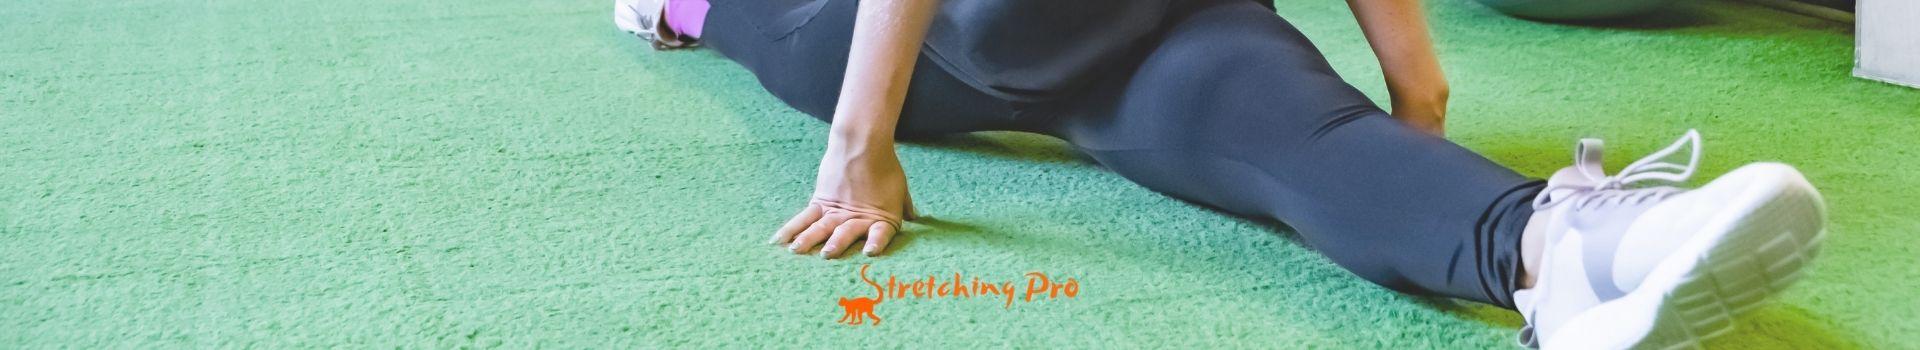 stretchingpro-quels-muscles-grand-ecart